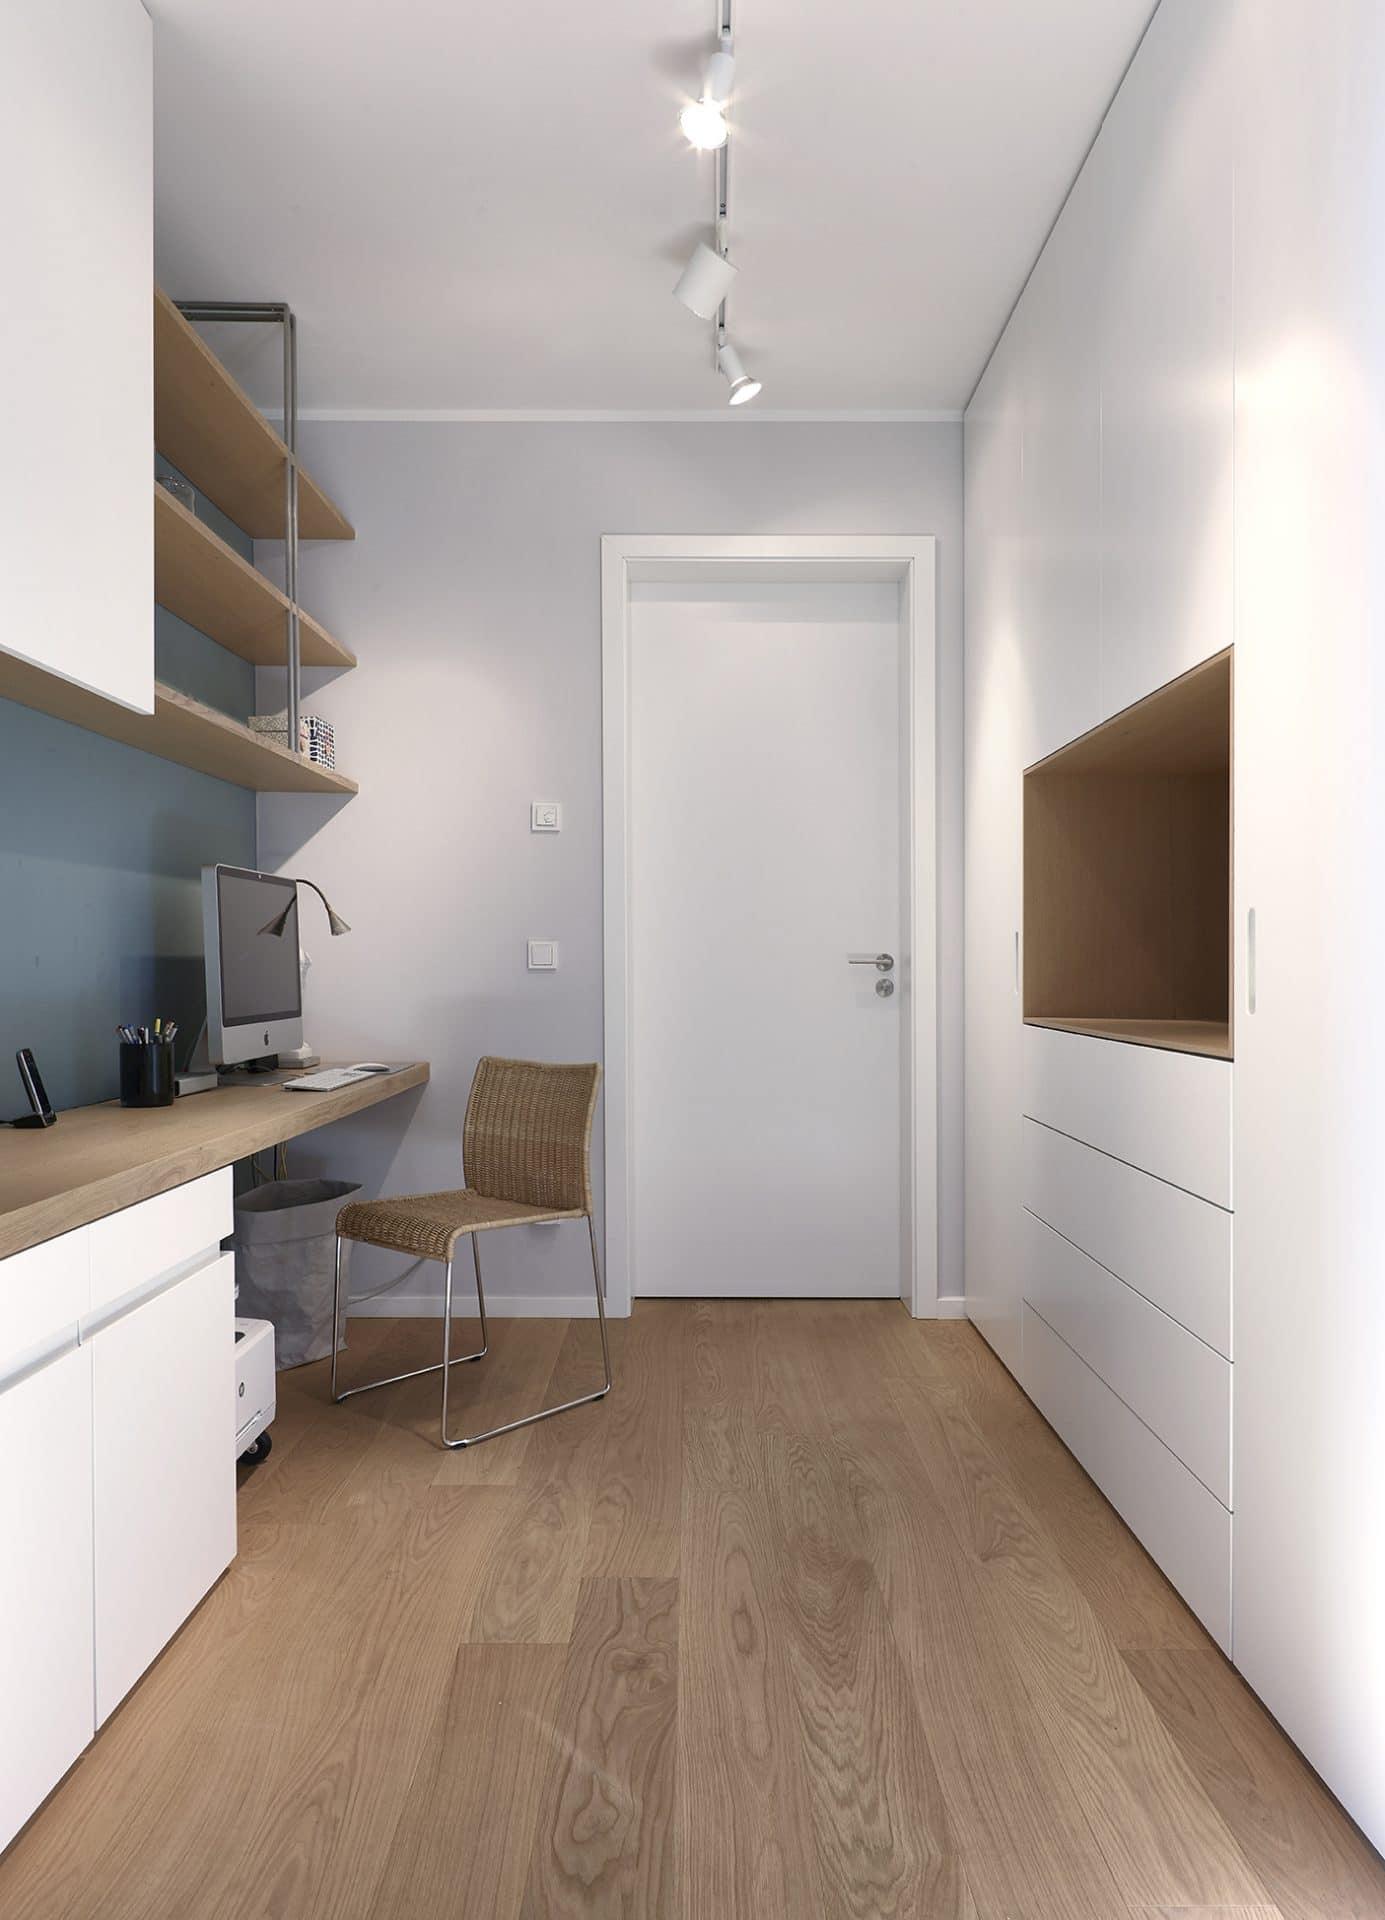 Inneneinrichtungsdesign von Voit, Küche aus Mattlack weiß, Eiche Natur Boden und Schreibtisch mit Stuhl und Computer